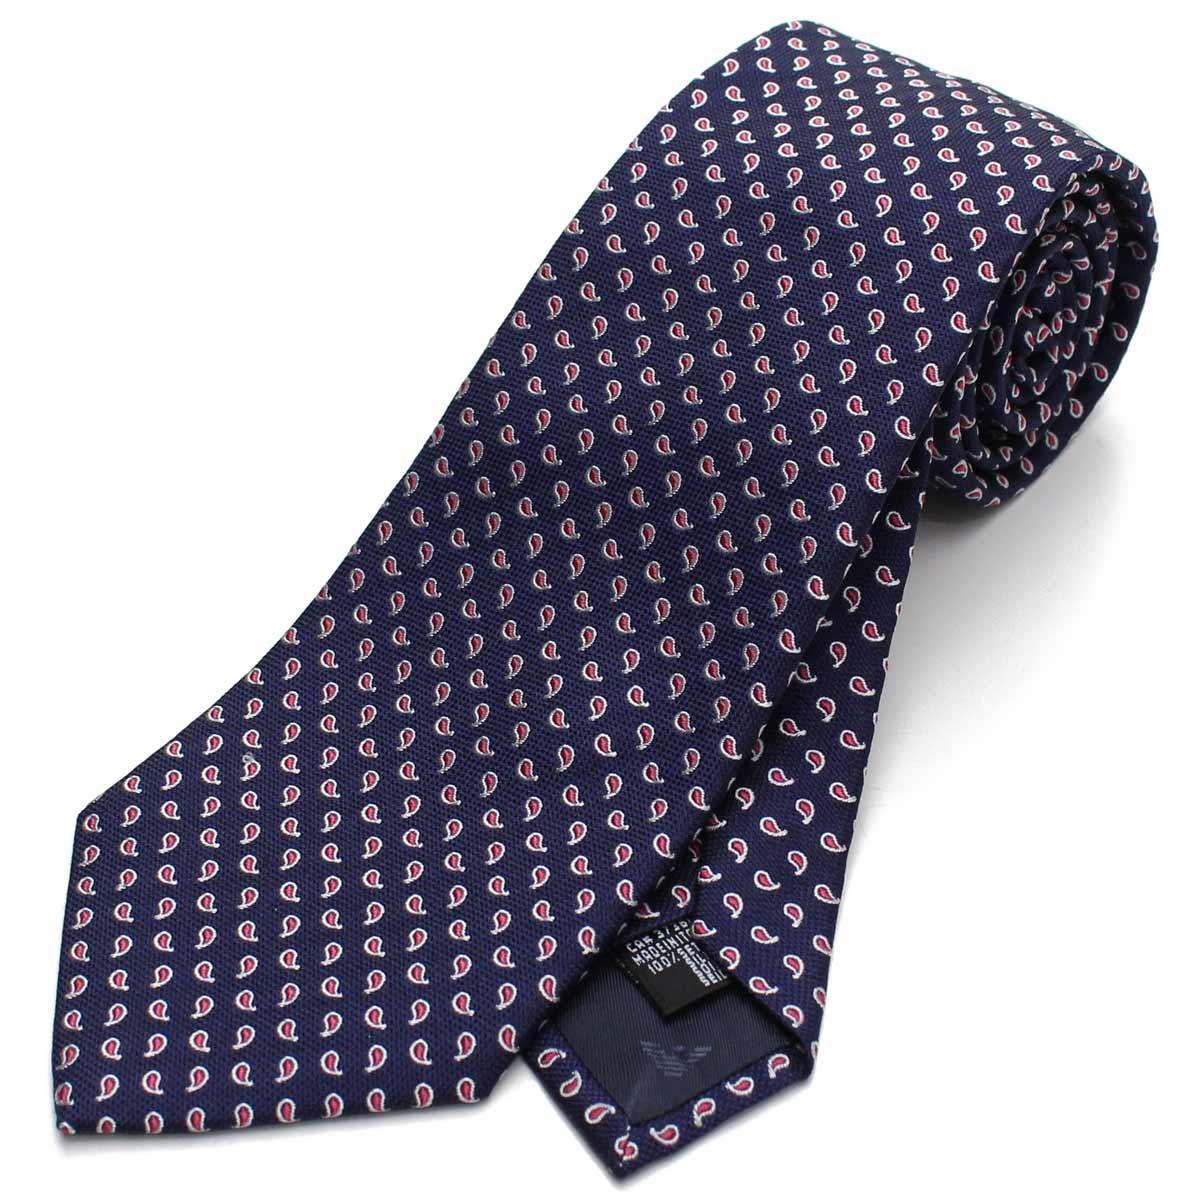 エンポリオ アルマーニ EMPORIO ARMANI ペイズリー柄 シルク ネクタイ レギュラータイ 340182 8A321 00035 BLUE ブルー系 メンズ